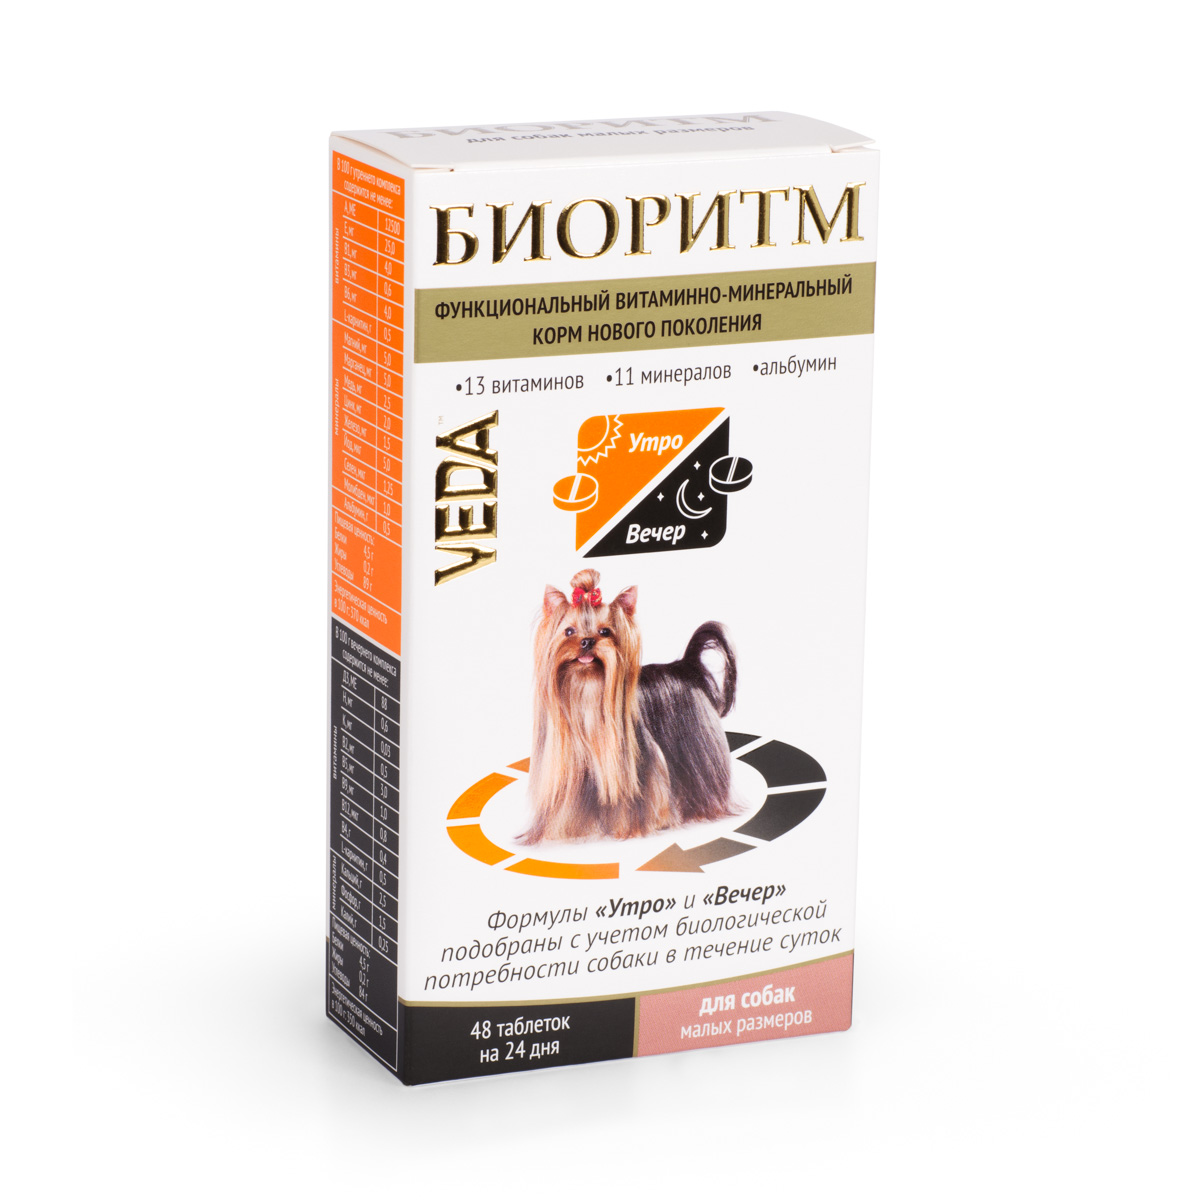 Корм VEDA Биоритм для собак малых размеров, витаминно-минеральный, функциональный, 48 шт х 0,5 г39111_новый дизайн/3353UКорм VEDA Биоритм является функциональным кормом нового поколения. Содержит полностью усваиваемые формы витаминов и микроэлементов, разделенные на 2 приема, которые удовлетворяют суточную потребность взрослой собаки массой до 10 кг, вне зависимости от вида питания.Так как собаки мелких пород часто бывают ограничены в прогулках, в состав введены молекулы-биотренажеры (альбумин), которые обогащают кислородом органы и ткани даже во время сна. L-карнитин обеспечивает правильный метаболизм жиров, приток энергии, силу мышц, помогает здоровой работе сердца и печени.Формулы Утро и Вечер разработаны с учетом биологической потребности организма животного с дневной активностью, а также в соответствии с рекомендациями по раздельному и совместному приему полезных веществ. В результате организм получает необходимые вещества в полном объеме, а эффективность витаминной профилактики повышается на 30–50%. Утренняя таблетка содержит компоненты, необходимые для усвоения энергии, улучшения пищеварения,укрепления нервной и иммунной системы, сердца и кровеносных сосудов, костей и зубов. Вечерняя таблетка содержит компоненты для обогащения клеток кислородом, очищения почек, печени, крови, роста шерсти, правильного усвоения питательных компонентов, репарации тканей и органов.Состав: минеральный комплекс; витаминный комплекс; дрожжи пивные, альбумин, L-карнитин,вспомогательные компоненты. Витаминный комплекс: А, В1, В2, В3, В4, В5, В6, В9, В12, Д3, Е, Н, К.Минеральный комплекс: магний, марганец, медь, цинк, железо, йод, селен, молибден, кальций, фосфор, калий.Биологически активные вещества: таурин, инулин, гидролизат коллагена, альбумин, L-карнитин. Товар сертифицирован.Чем кормить пожилых собак: советы ветеринара. Статья OZON Гид